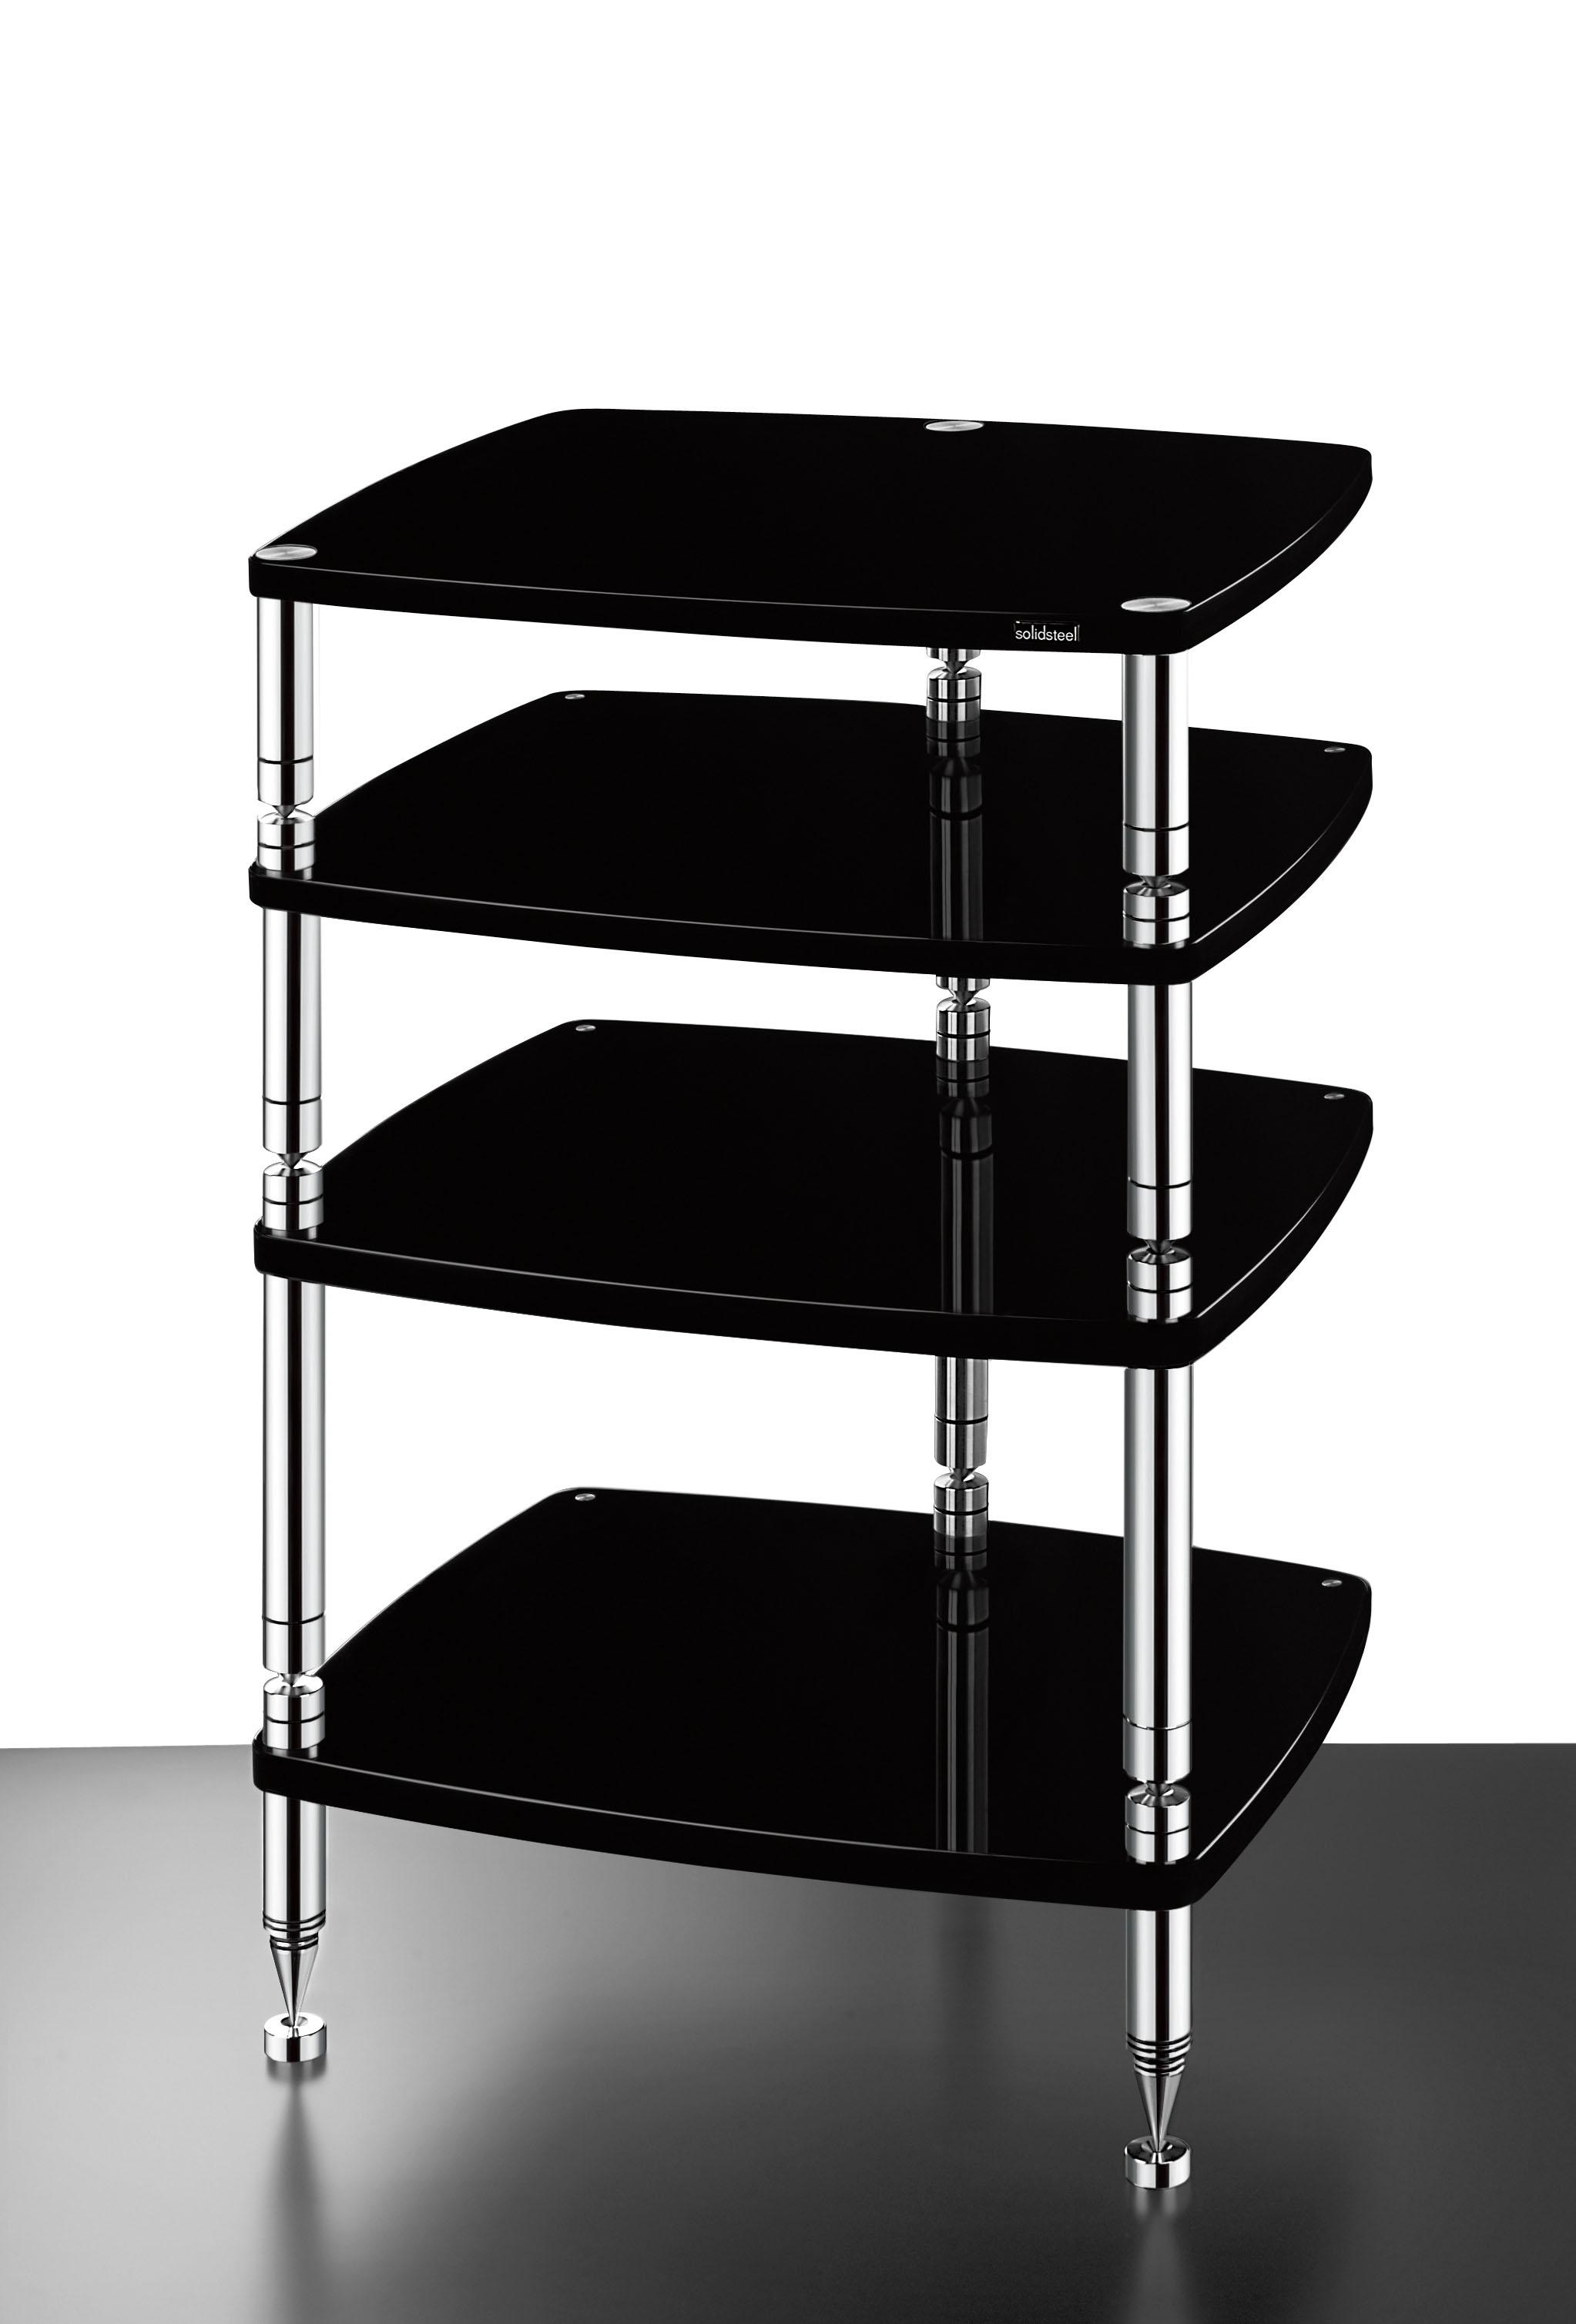 open view larger com inch desktop amazon shelf dp rack startech